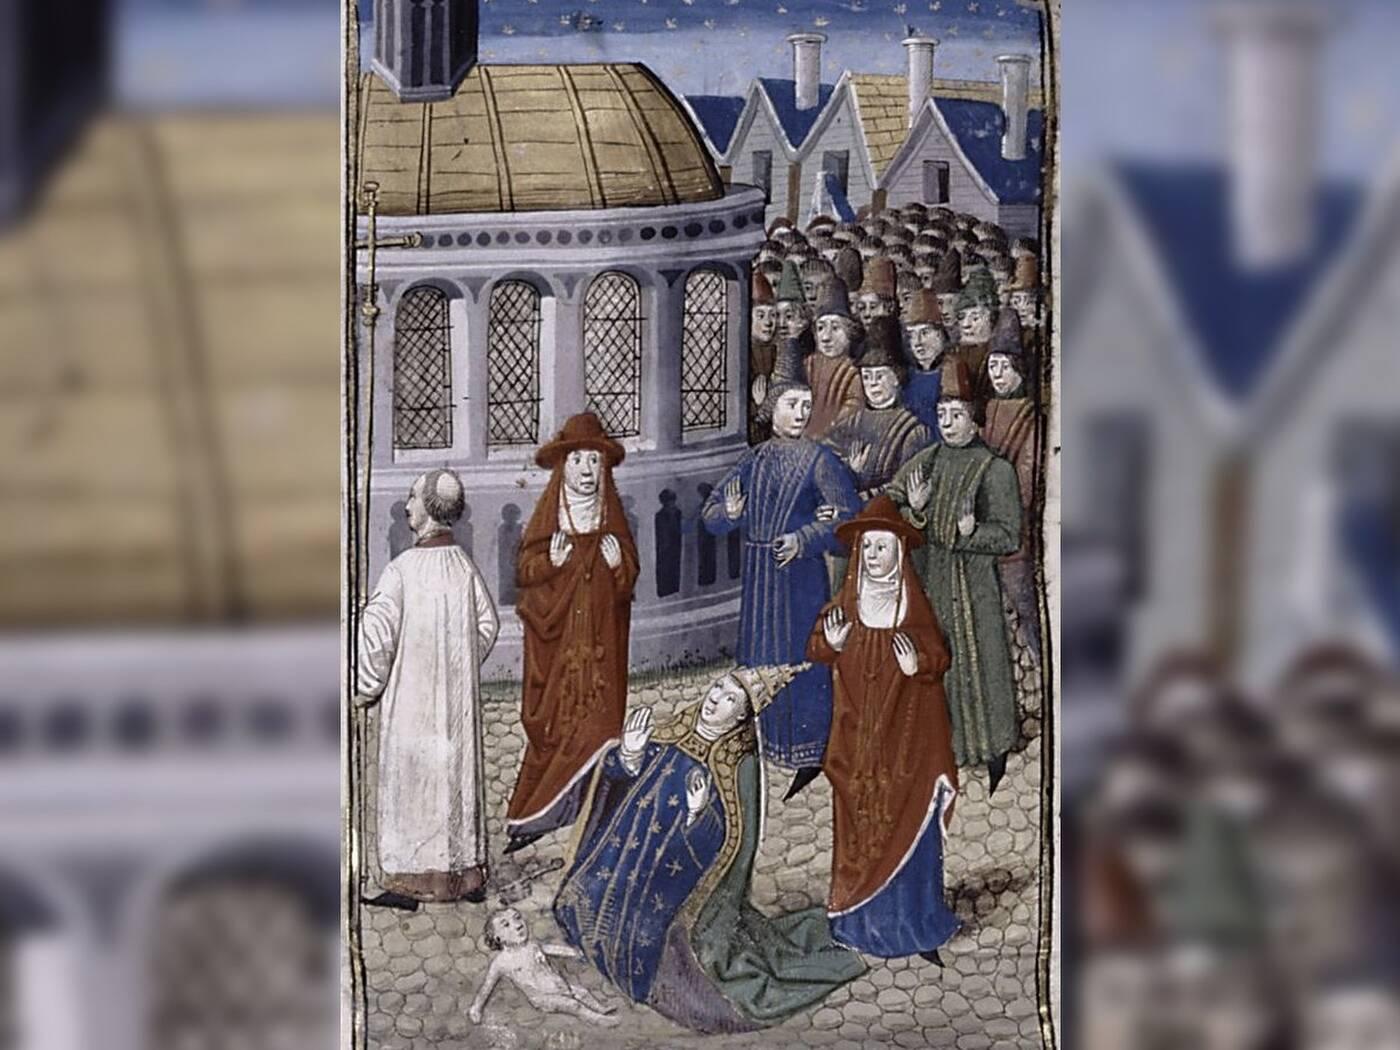 Papieżyca Joanna mogła faktycznie rządzić Kościołem